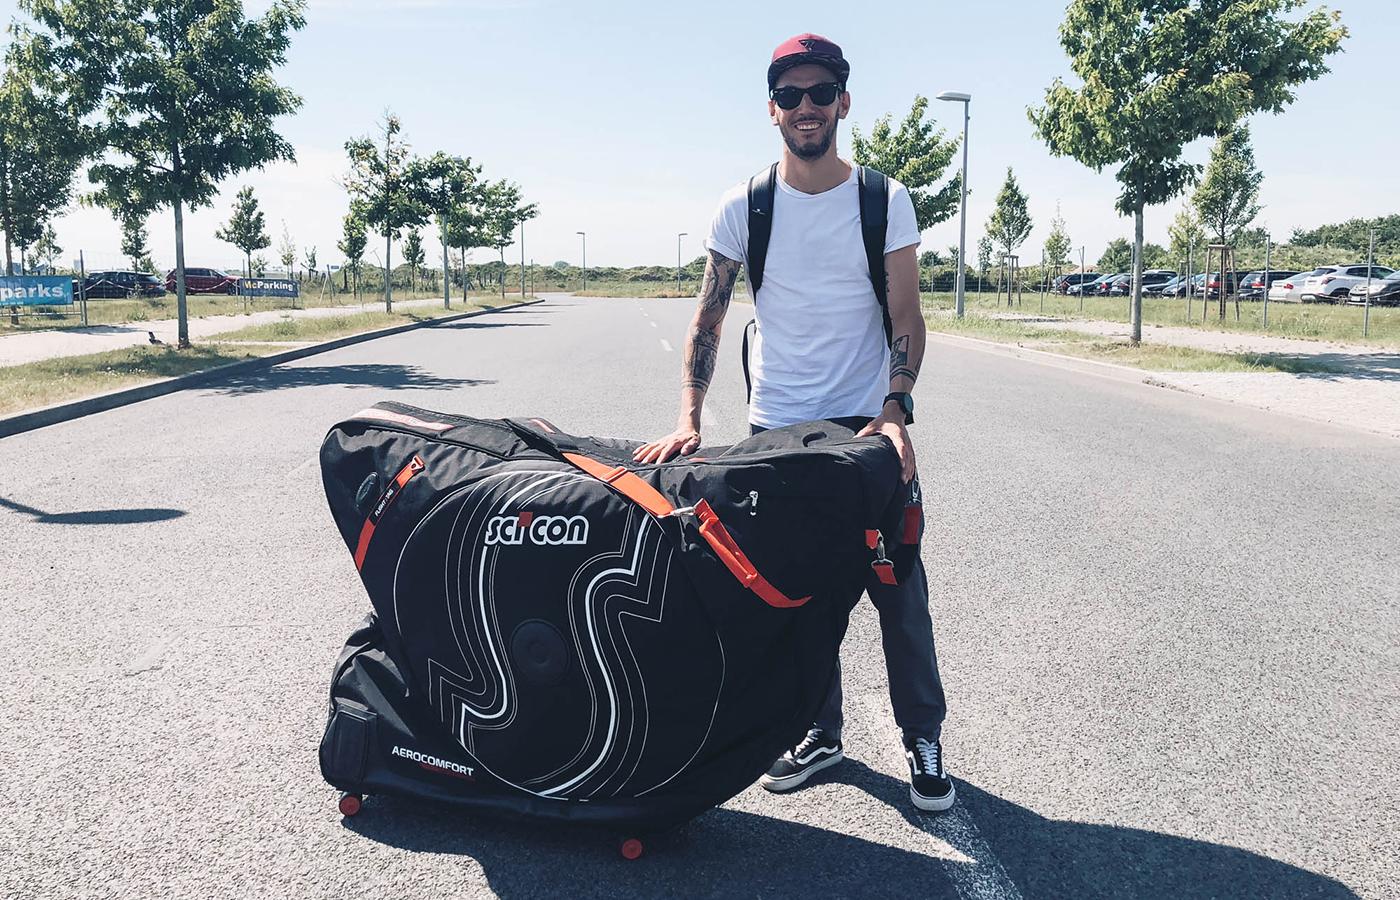 Daniel ist mit seinem Radkoffer unterwegs